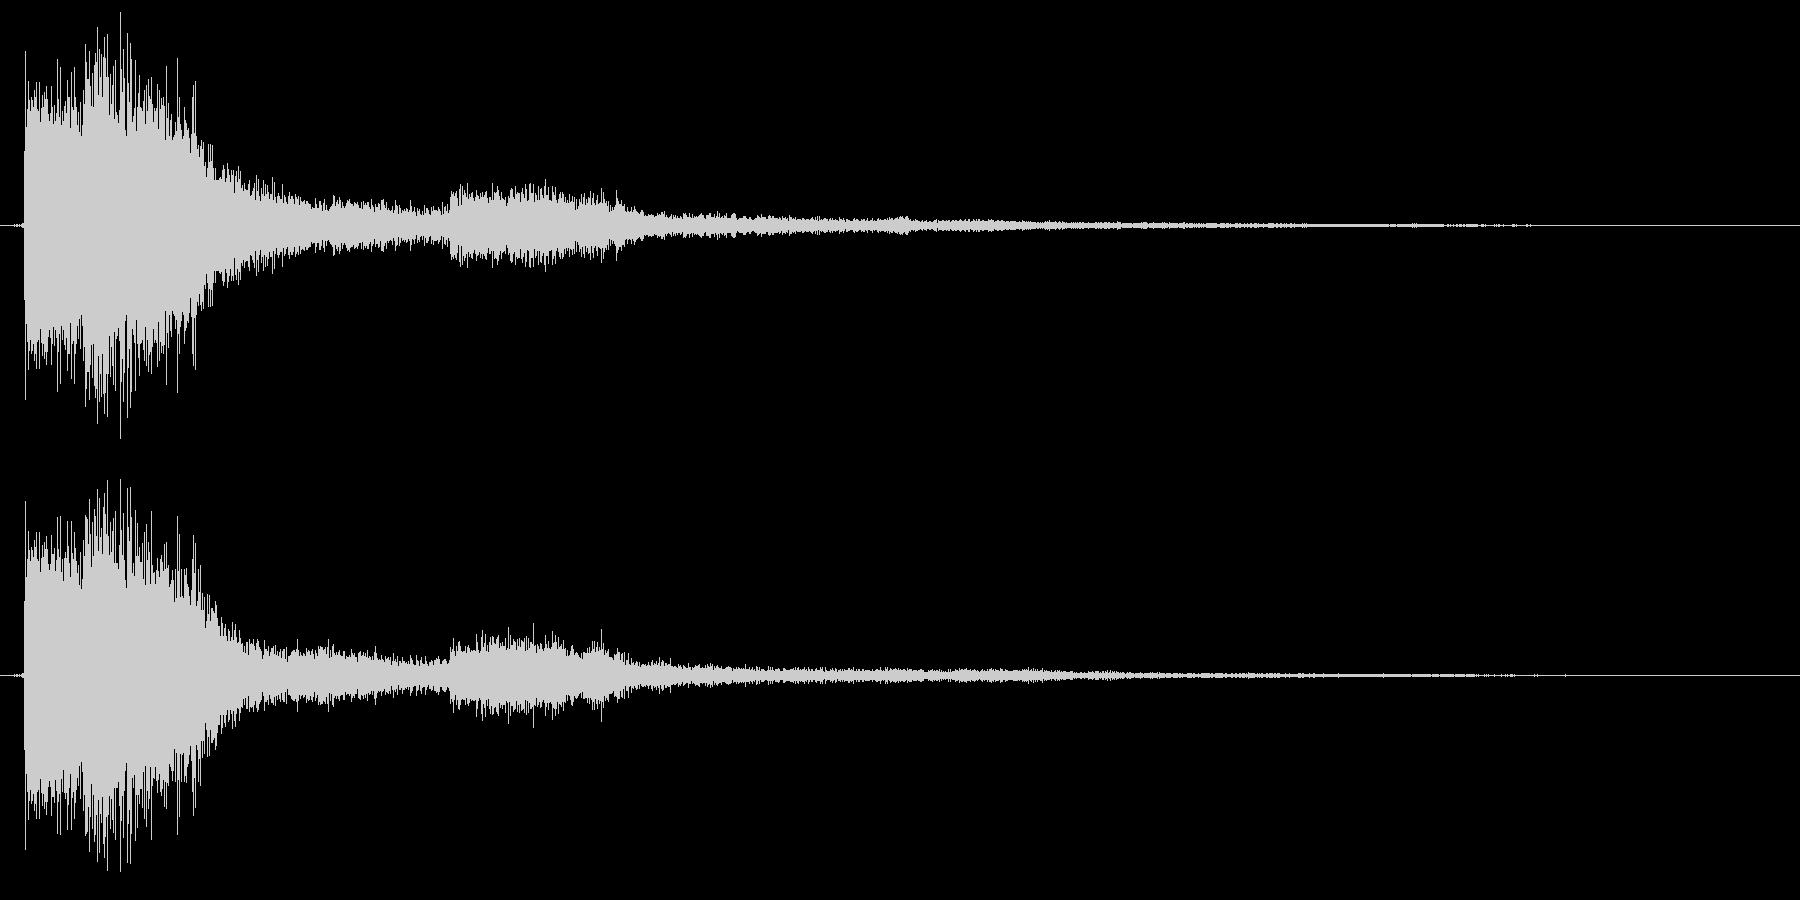 決定 キラキラ 選択 セレクト クリックの未再生の波形